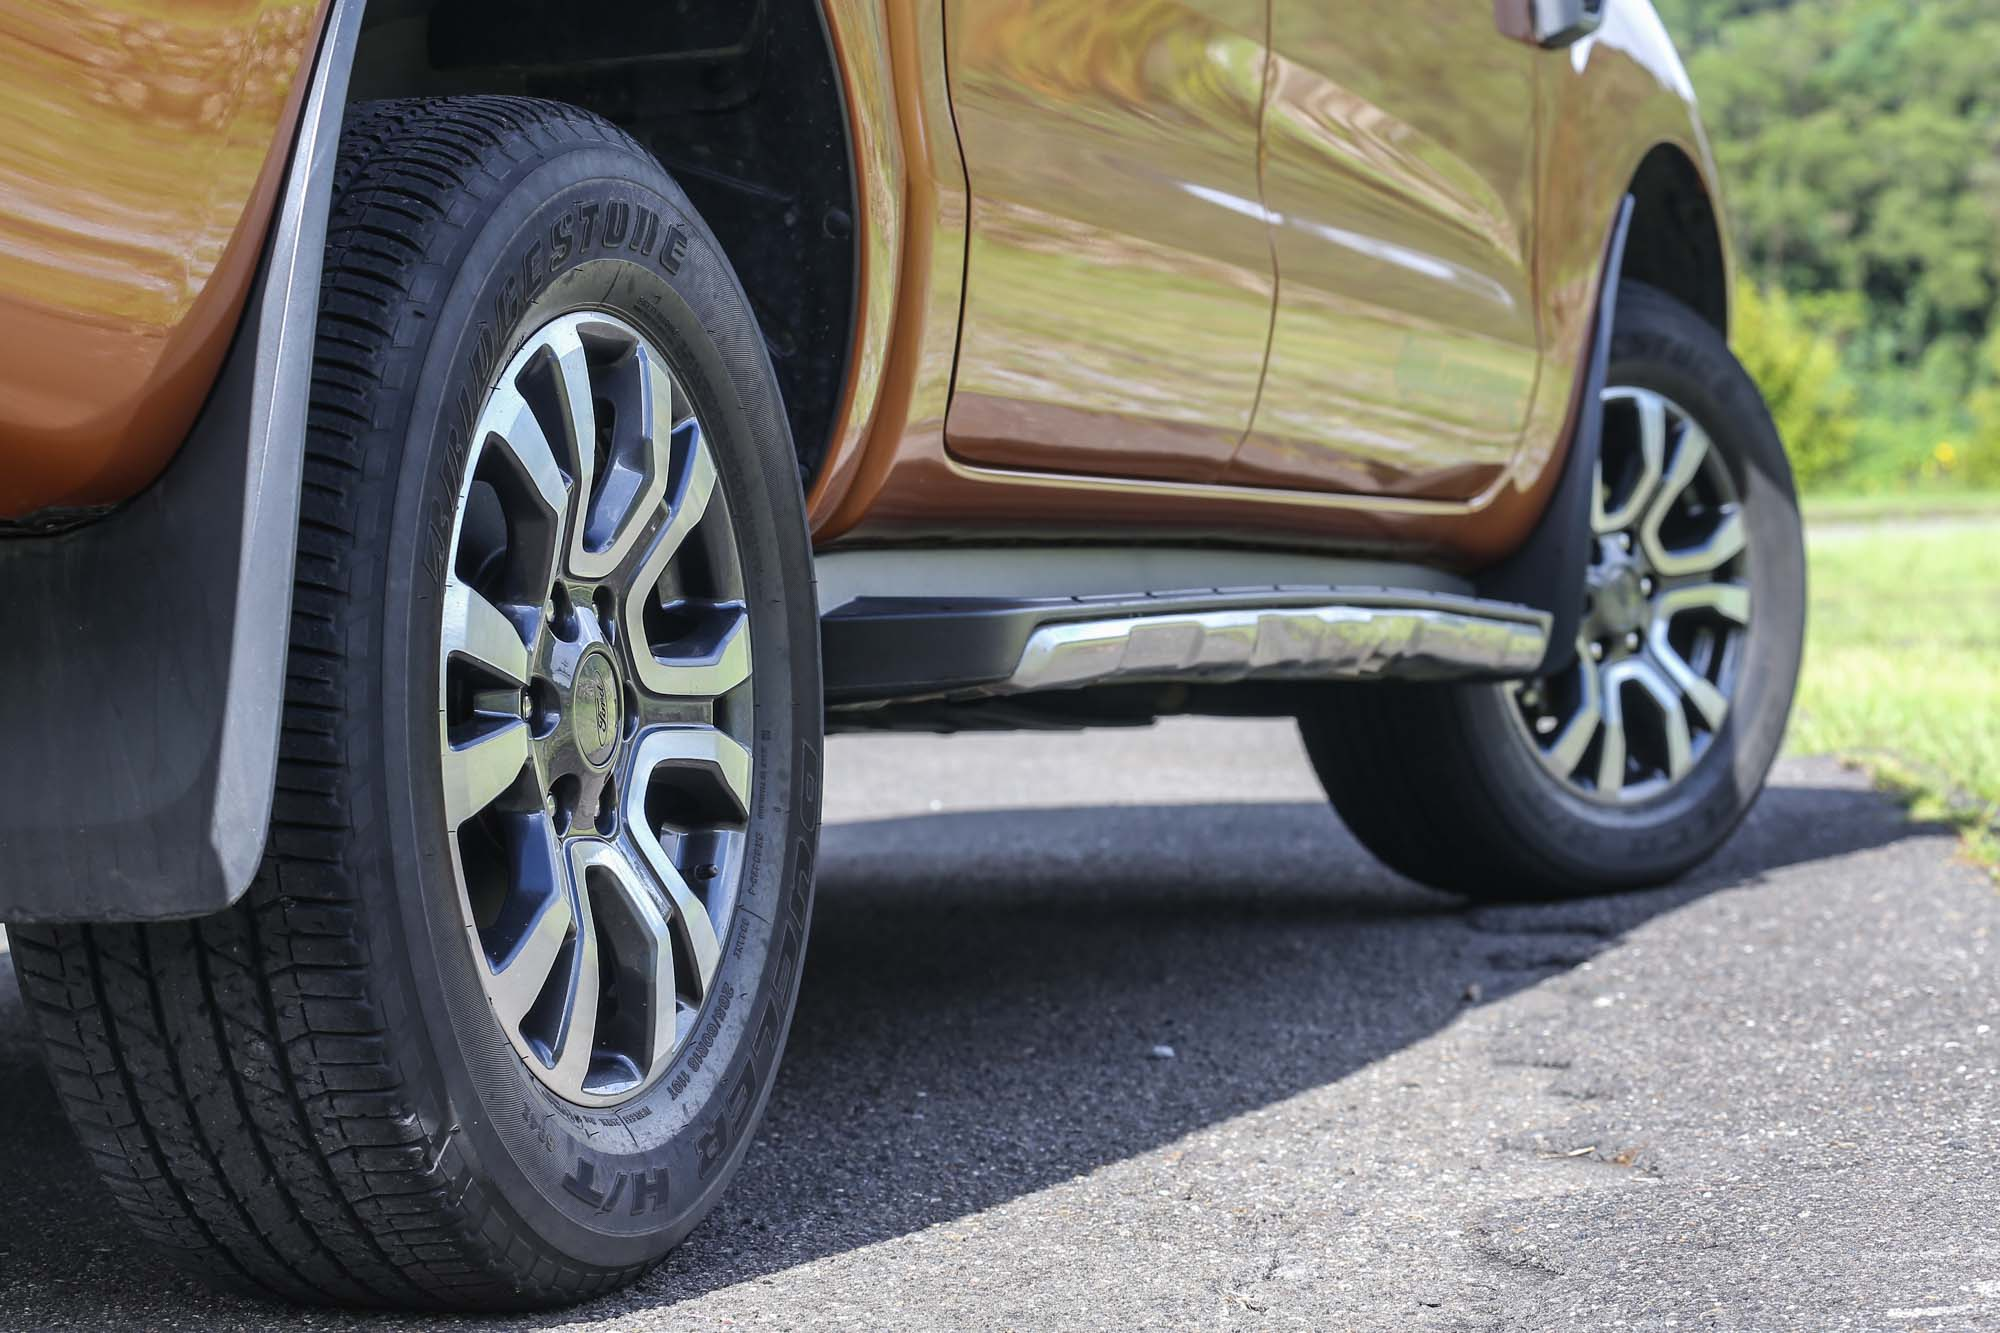 標配 265/60R18 規格胎圈。